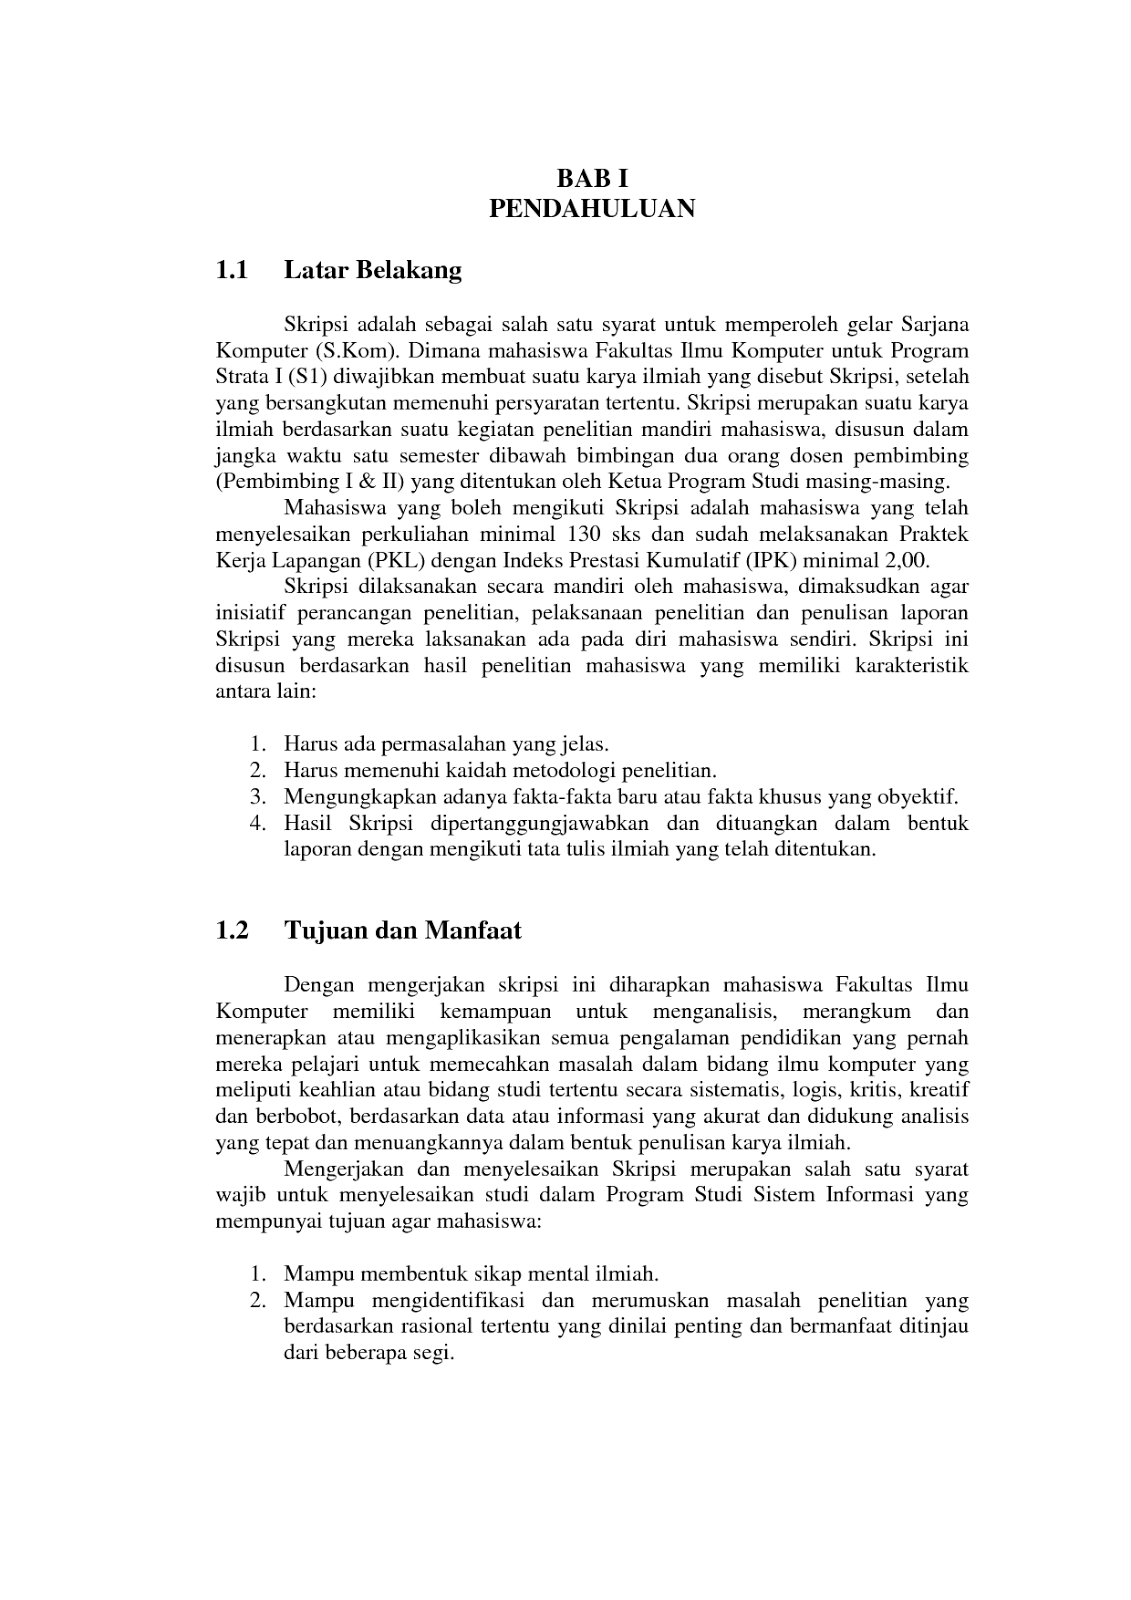 Skripsi Dan Tugas Akhir Informatika Komputer Contoh Proposal Pengajuan Skripsi Jurusan Komputer Teknik Informatika Sistem Informasi Komputer Akuntansi Manajemen Informatika